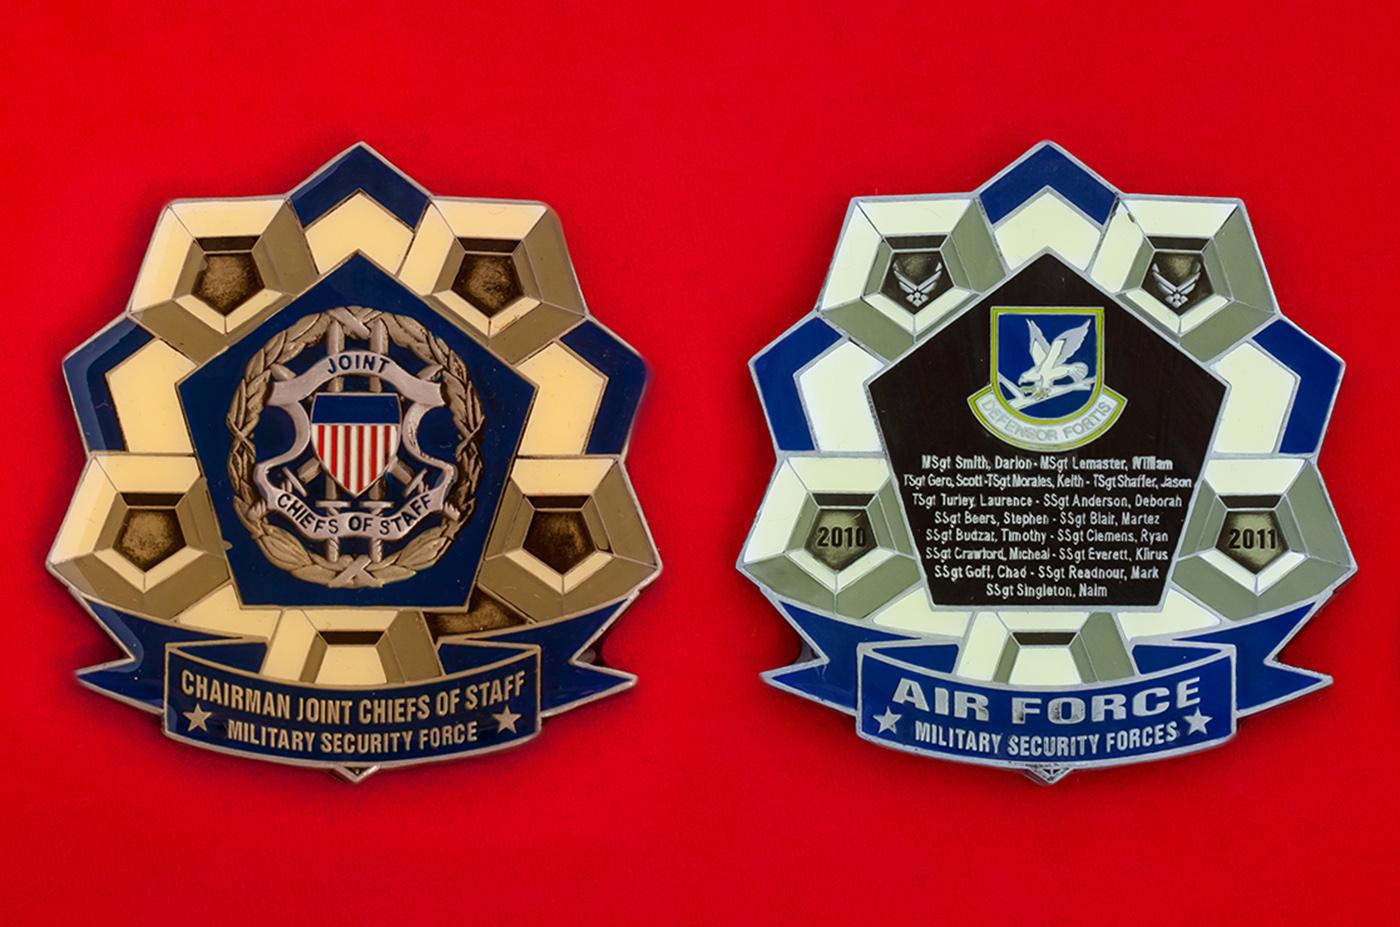 Челлендж коин от председателя Объединенного комитета начальников штабов сотрудникам военной контрразведки ВВС США